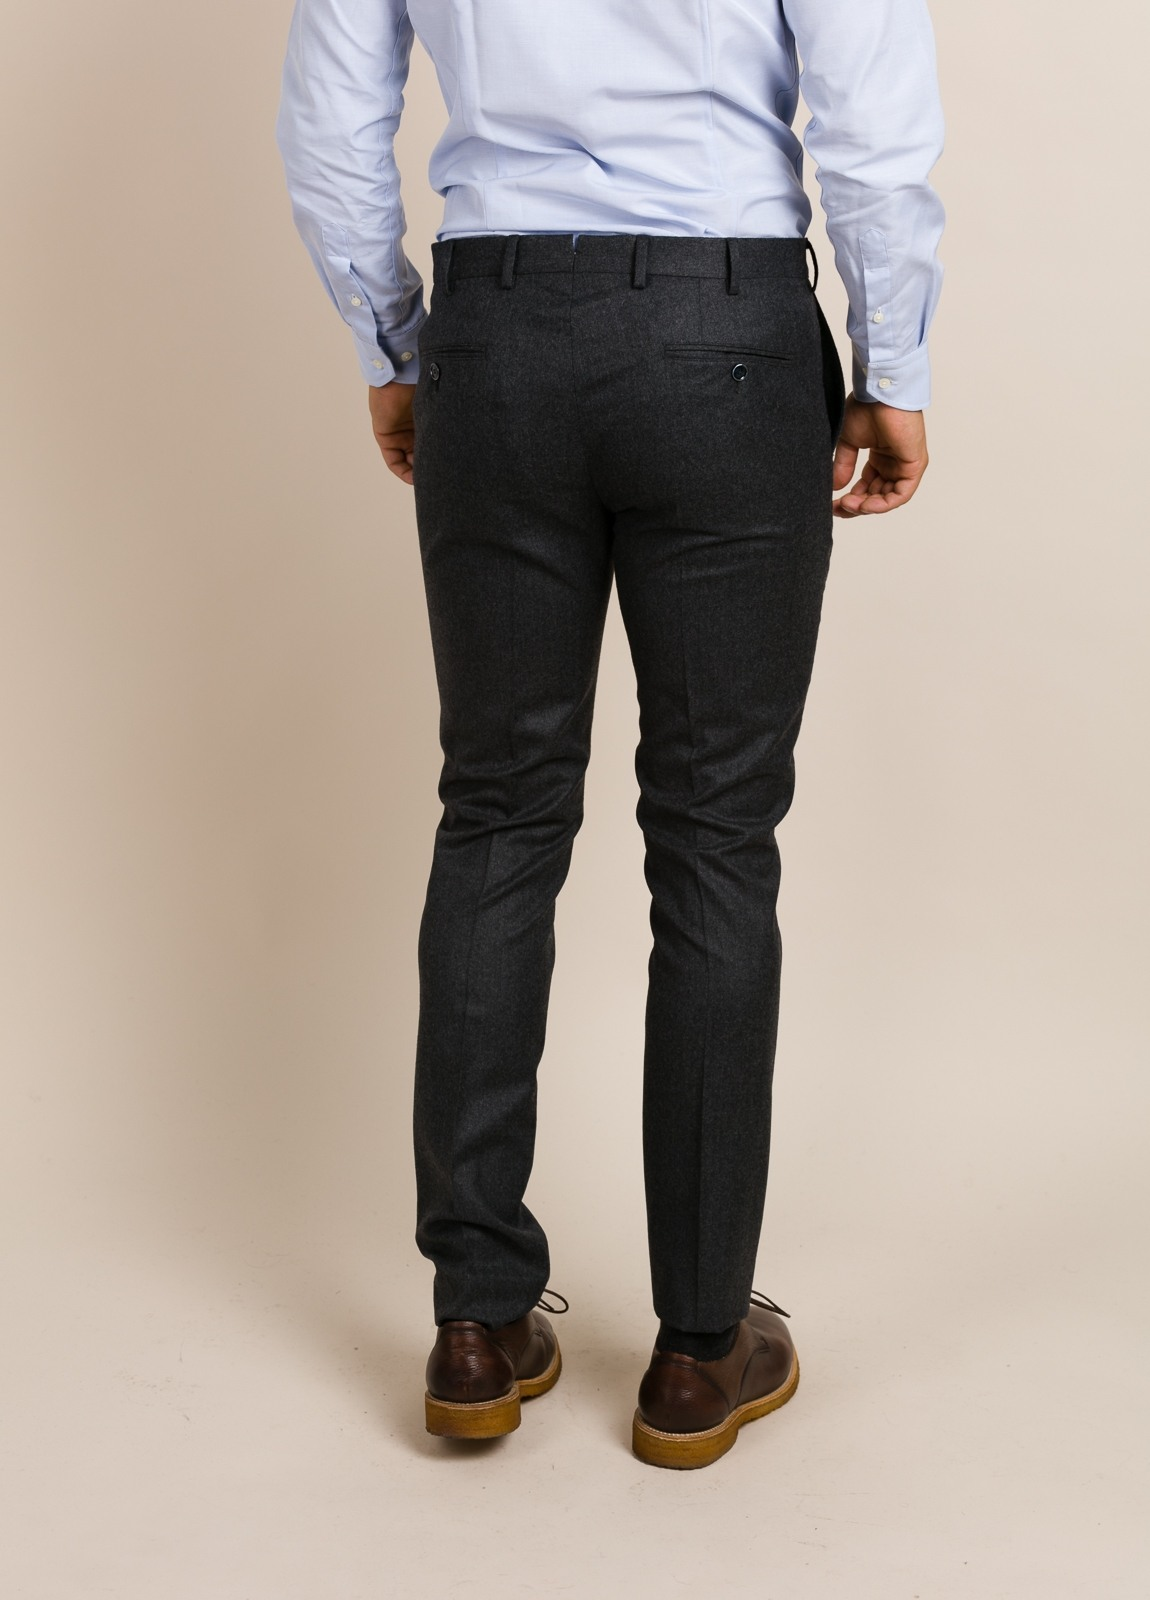 Pantalón de vestir Furest Colección color gris - Ítem1